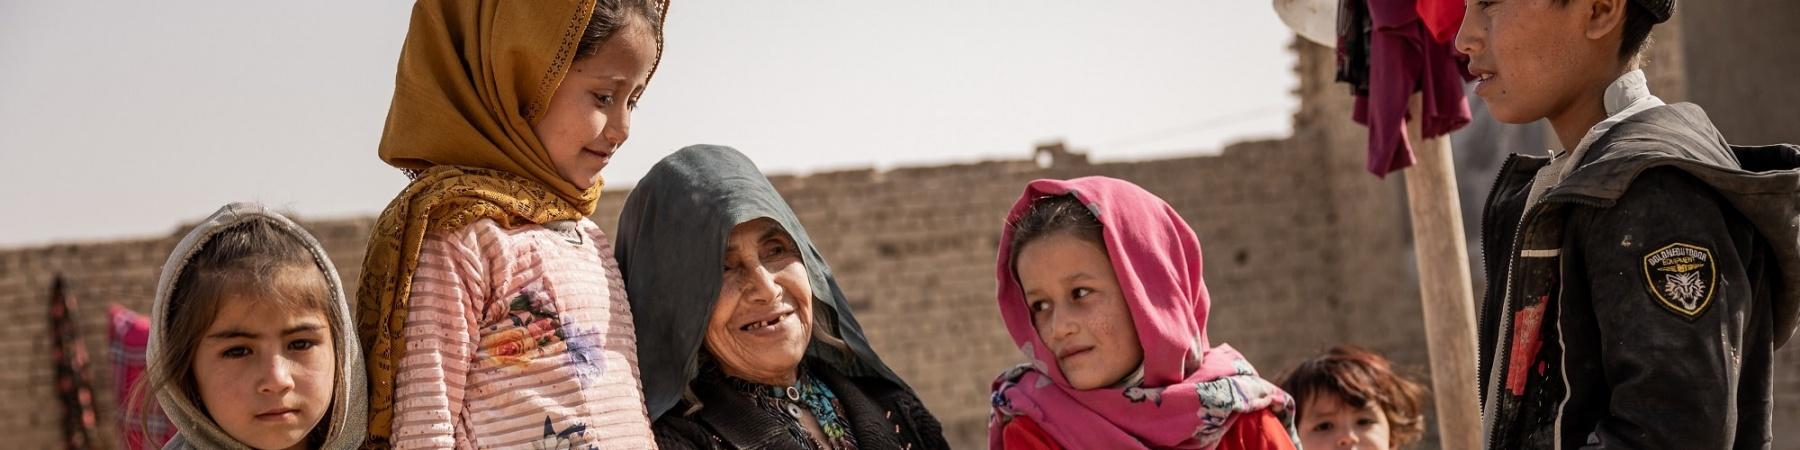 Una famiglia afghana seduta all'aperto, composta da una donna, tre bambine e un bambino.